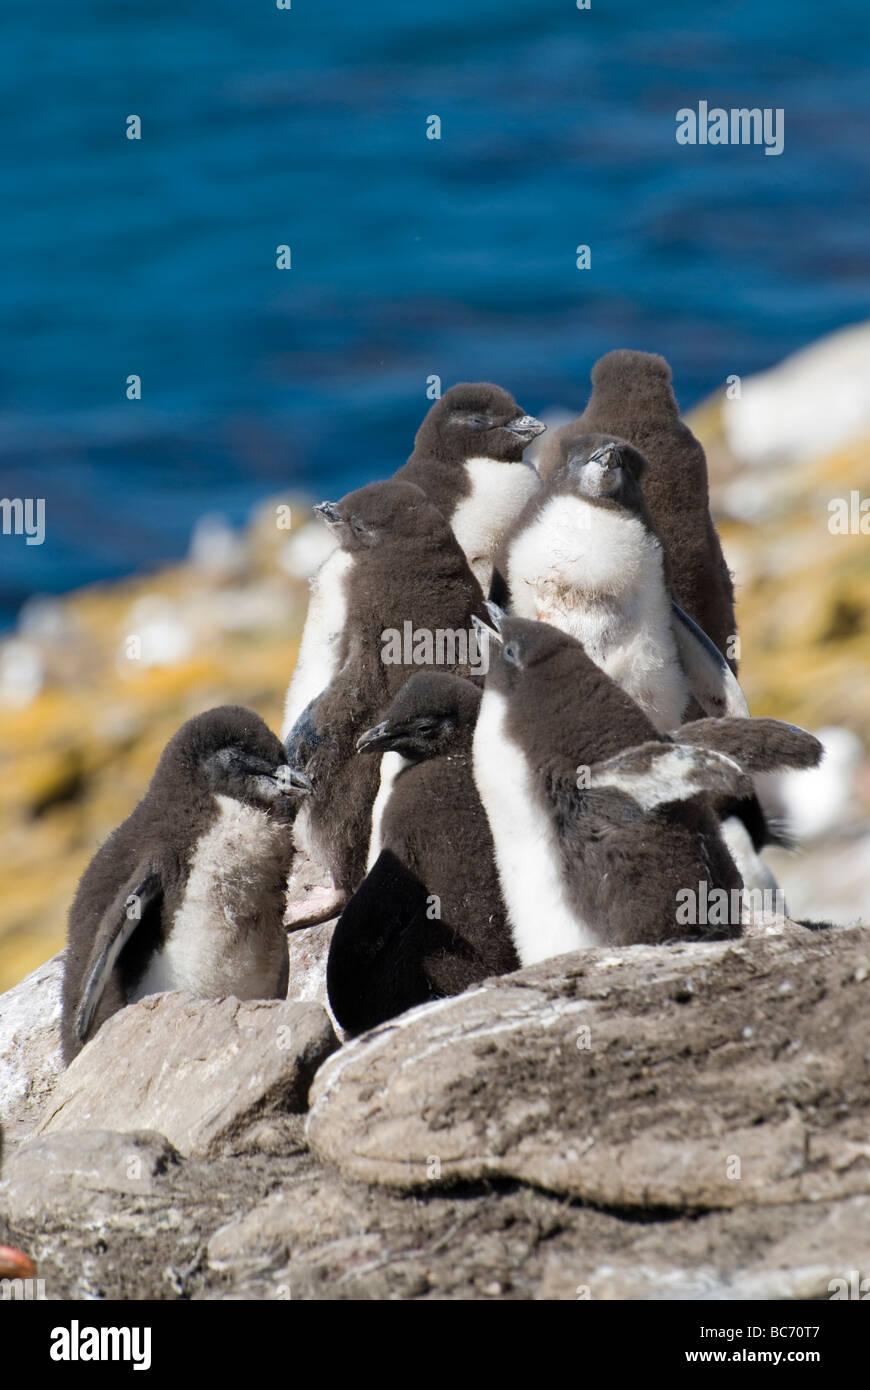 Le Sud Rockhopper Penguin Eudyptes chrysocome, poussins. Aussi connu sous le nom de King Shag, impériale, Le Photo Stock